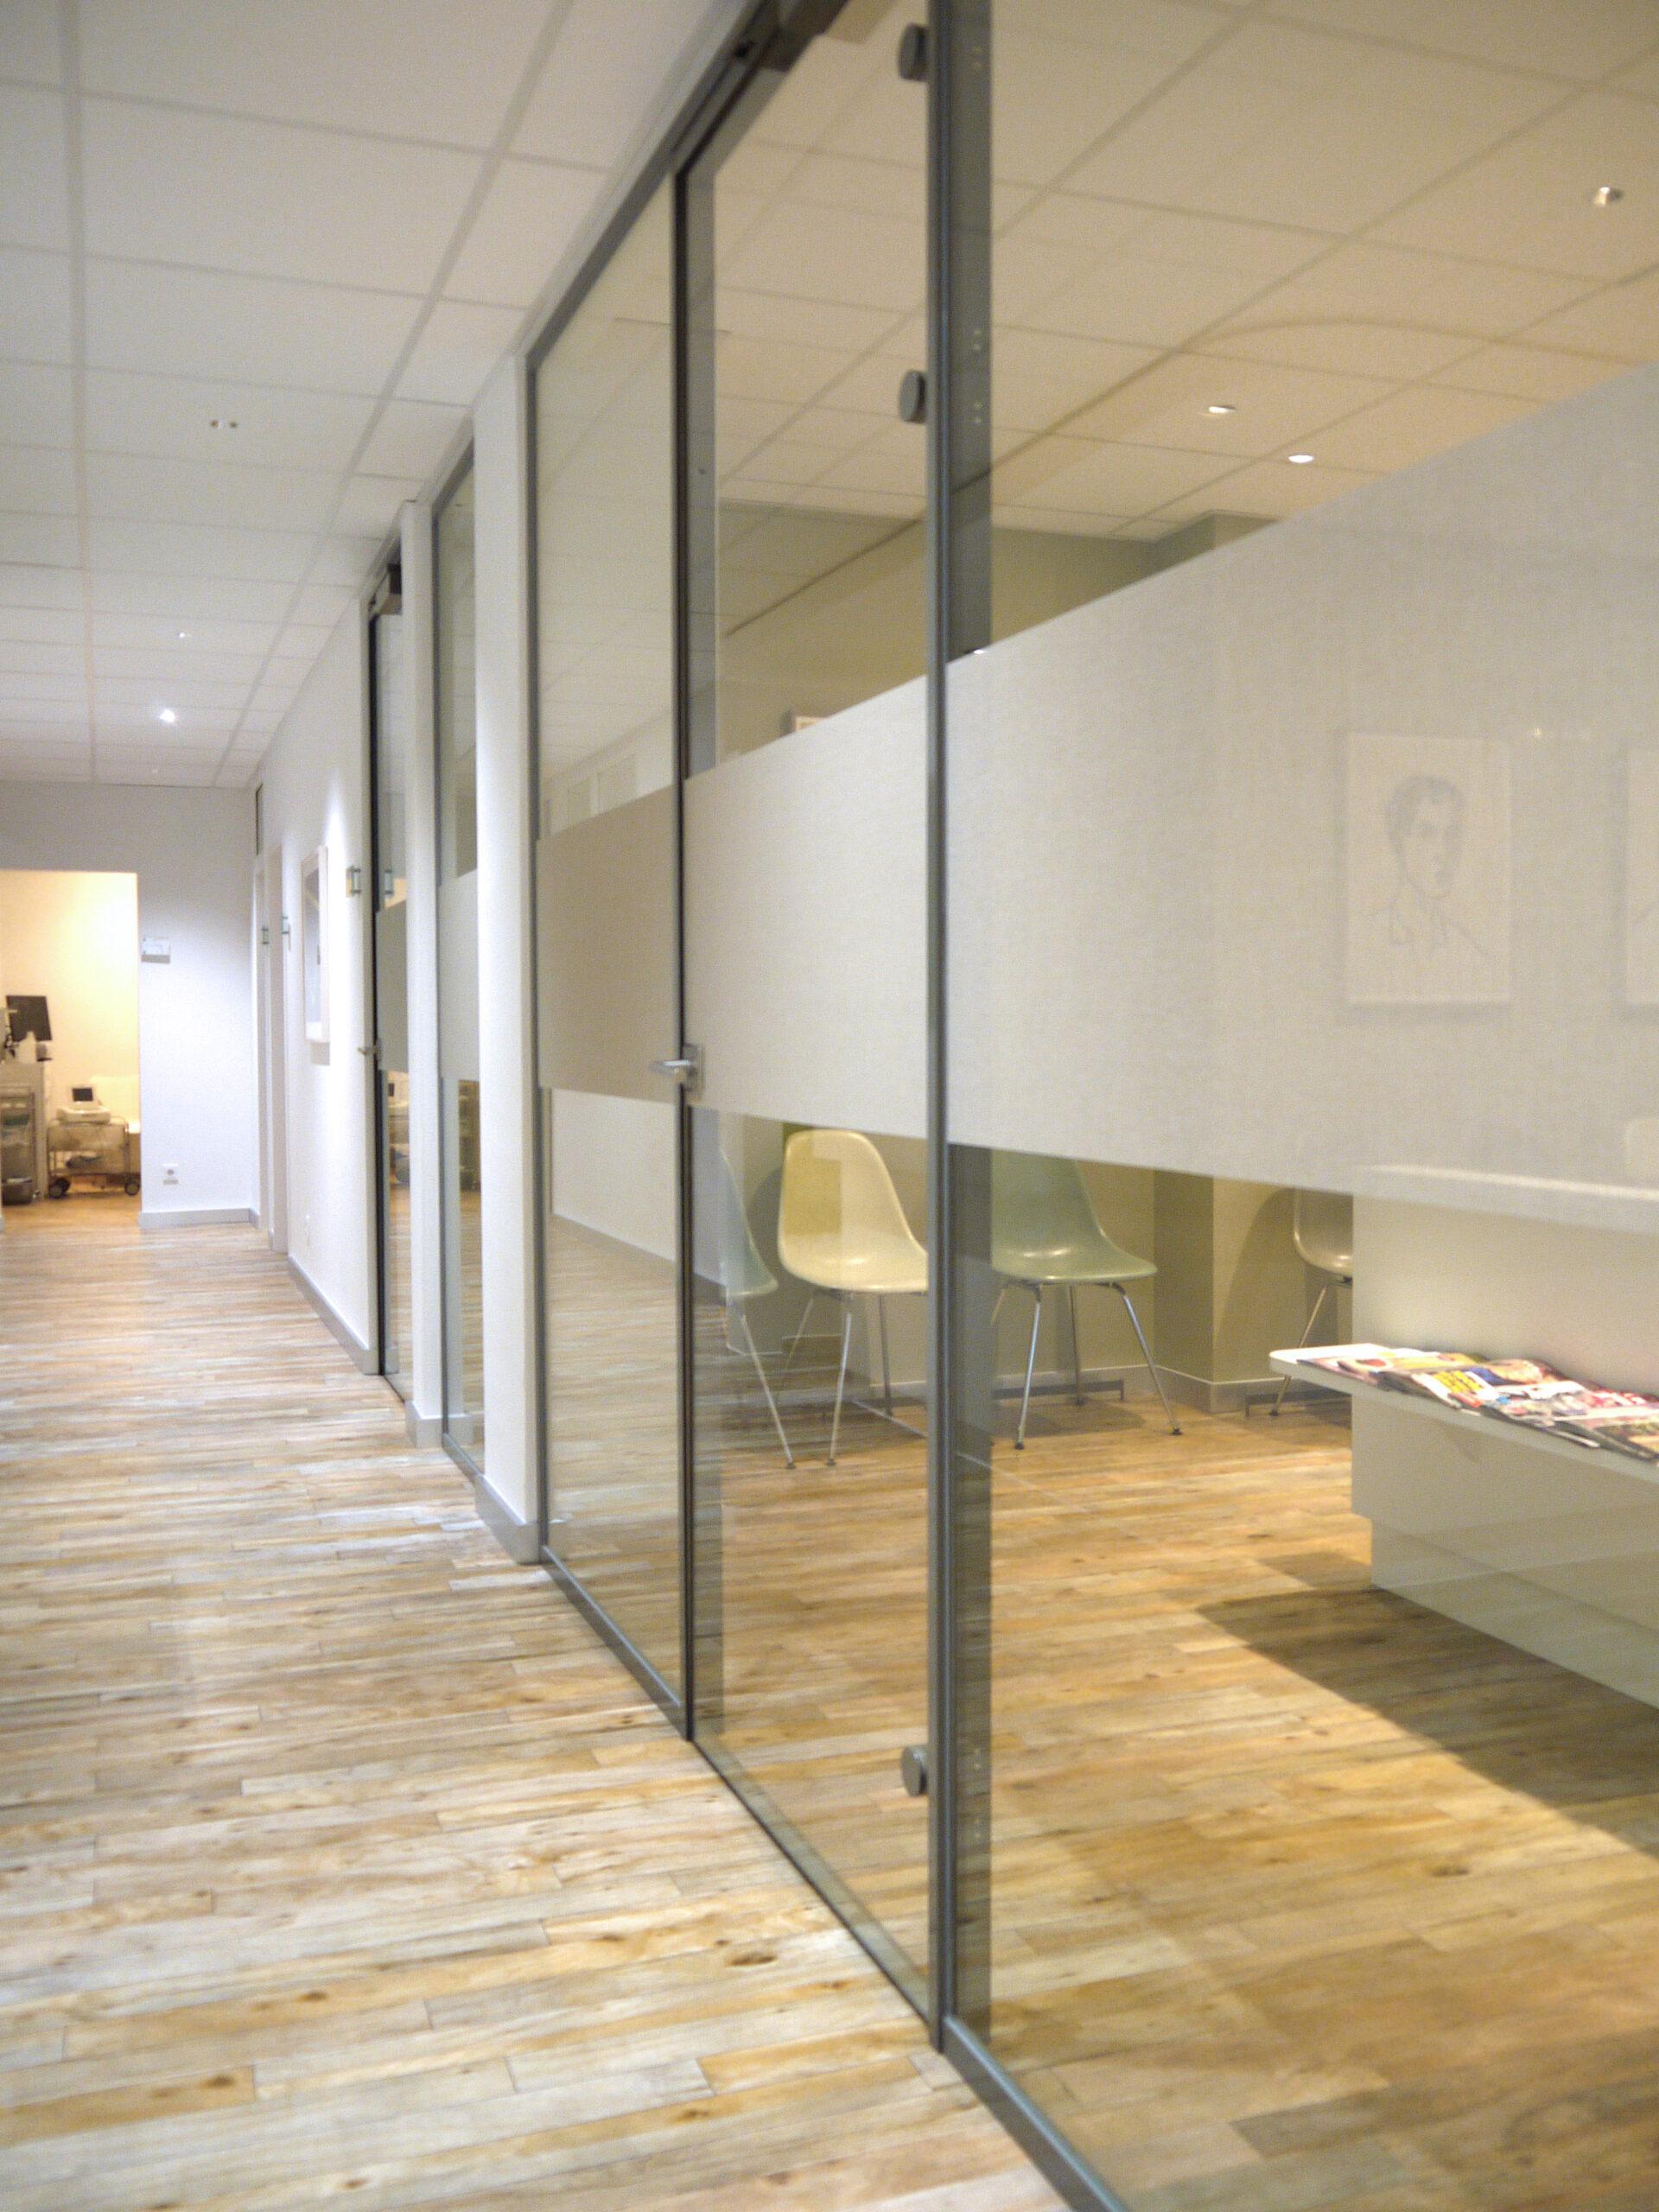 Squid® ist ein selbstklebender, transparenter Textilstoff und kann als Alternative zur Glasdekorfolie verwendet werden.